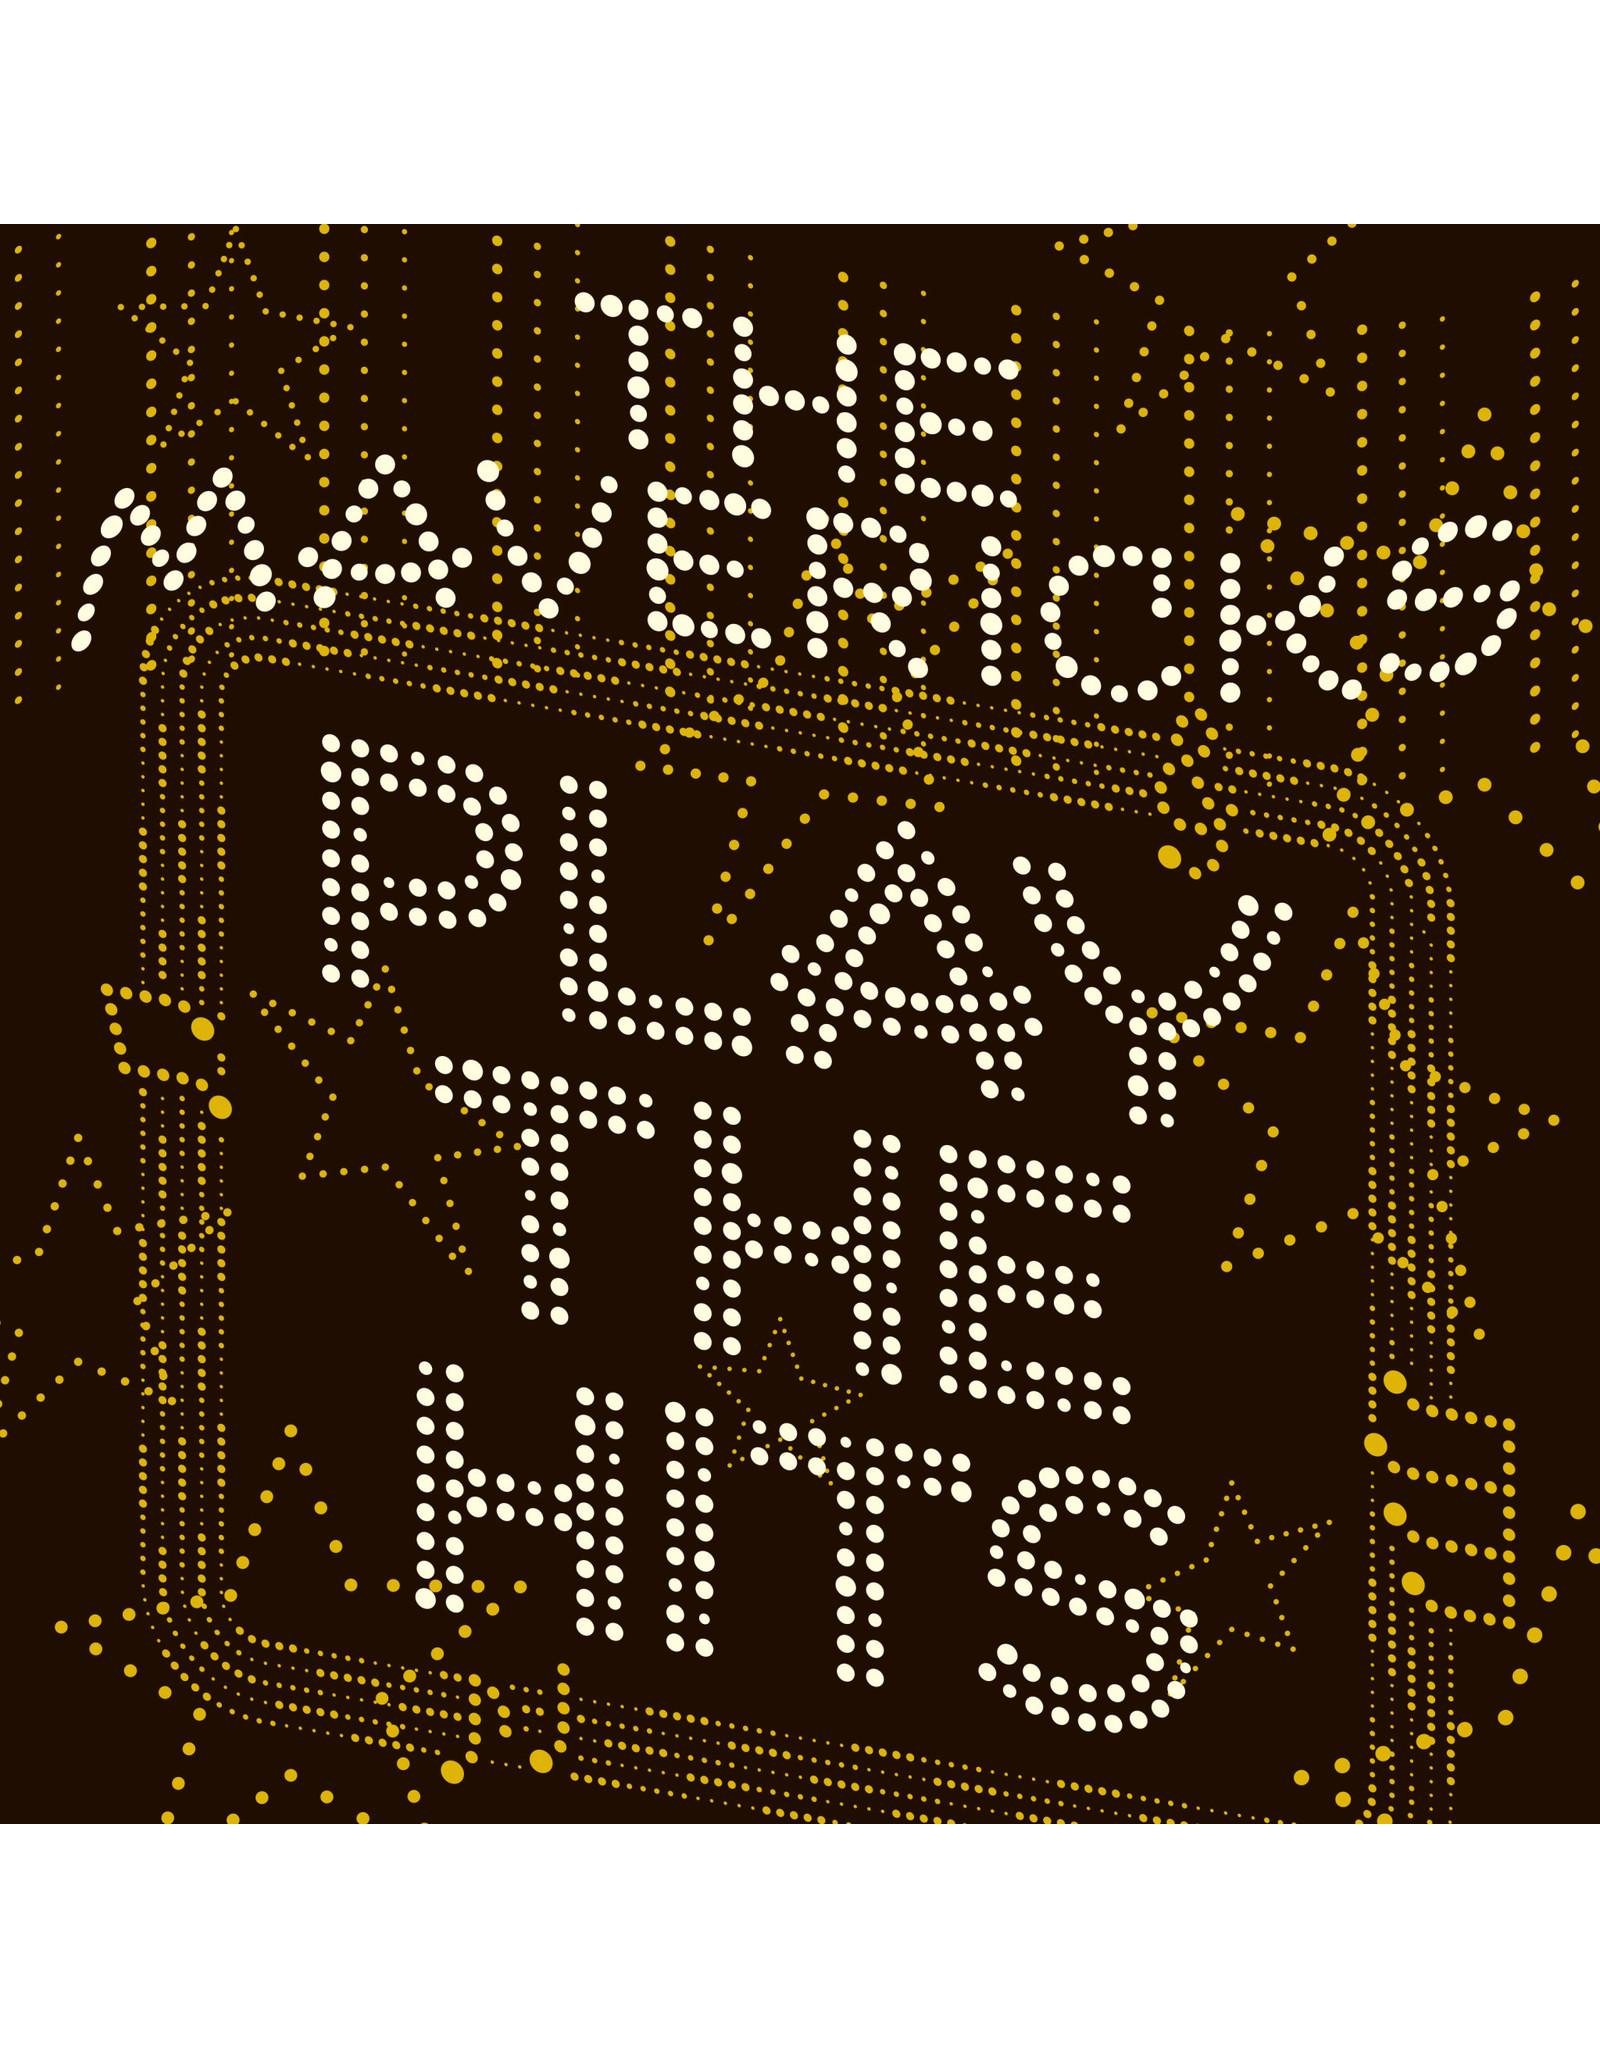 Mavericks - Play The Hits